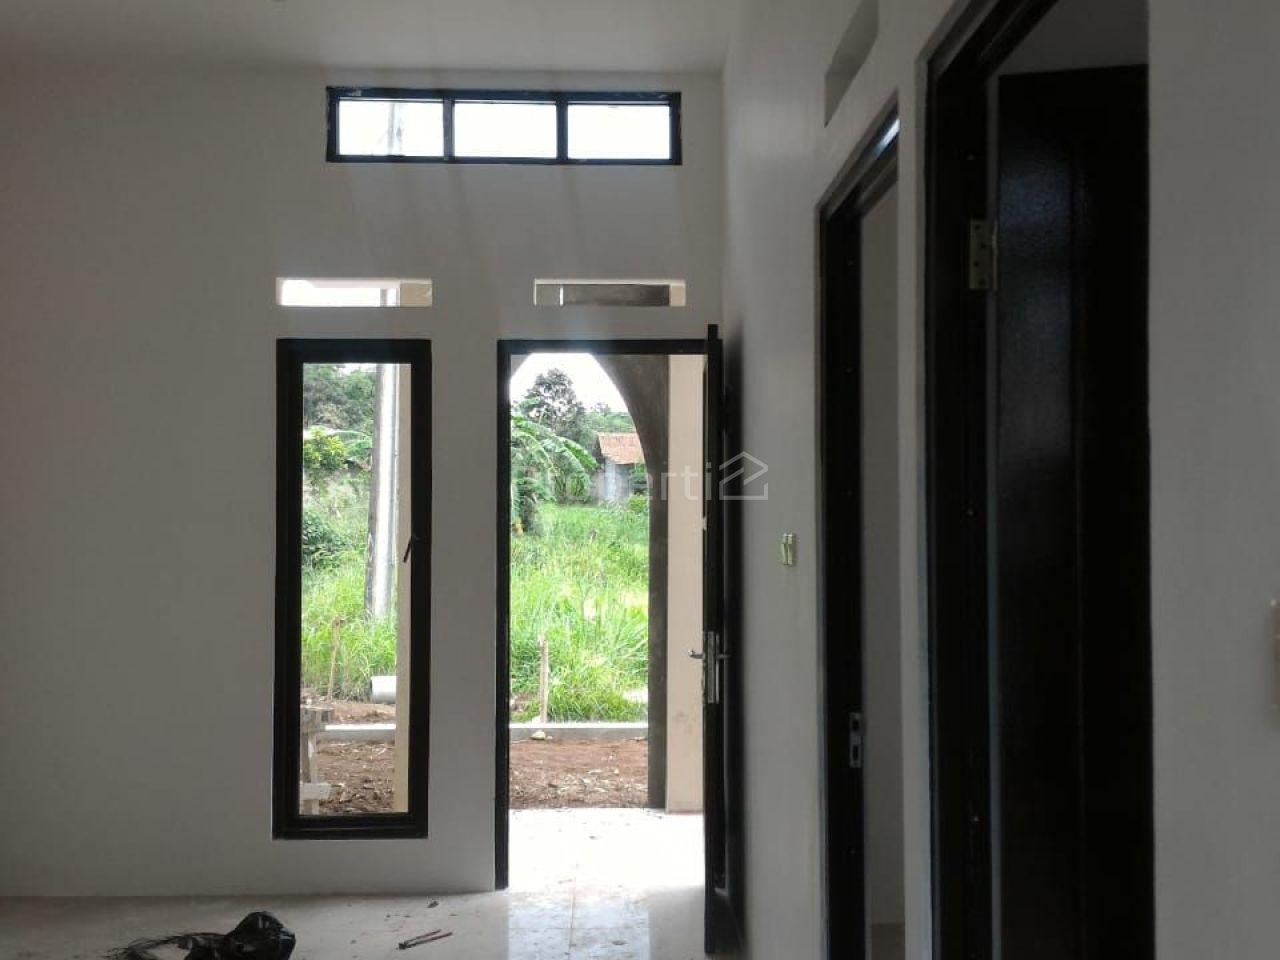 Rumah Minimalis Baru, Strategis di Bojonggede, Jawa Barat